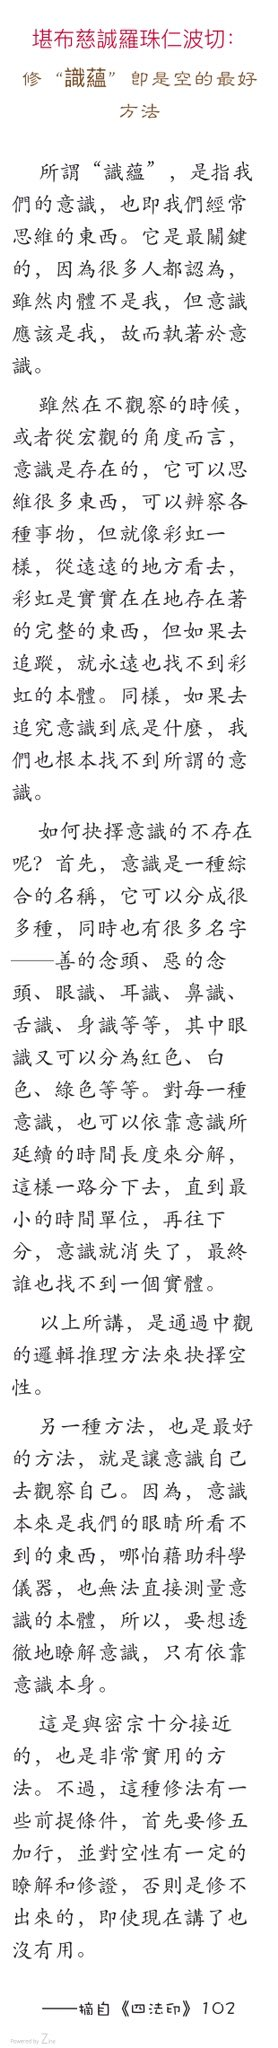 """堪布慈誠羅珠仁波切: 修""""識蘊""""即是空的最好方法 https://t.co/arvuQBPgqy"""